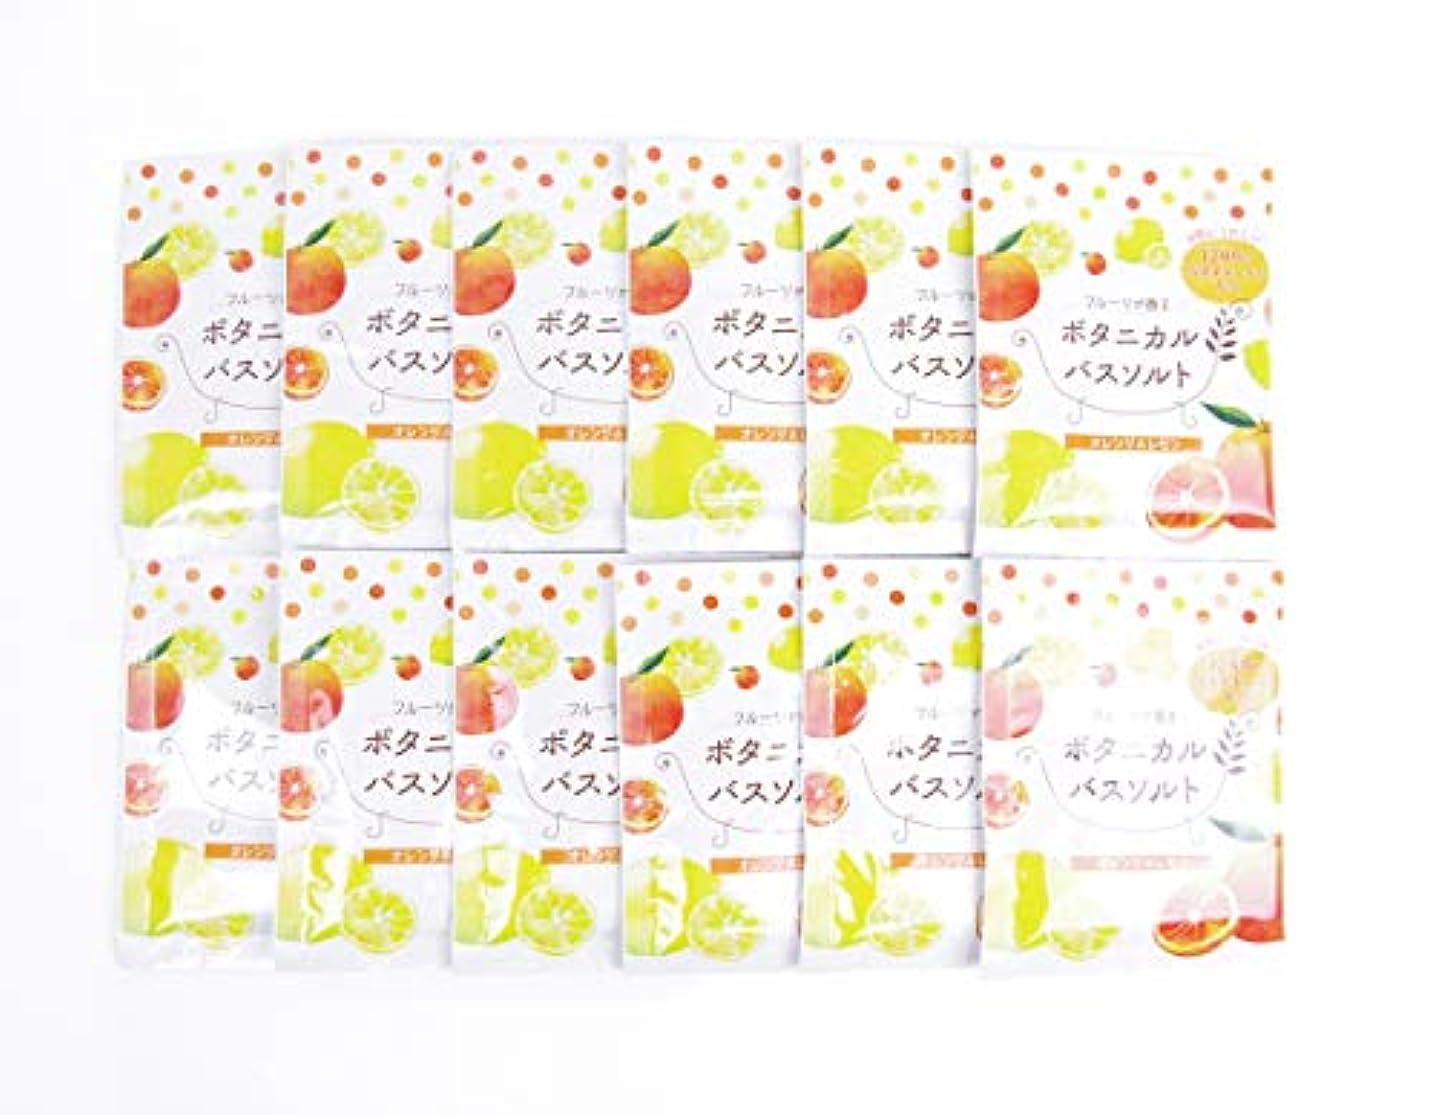 女将石皿松田医薬品 フルーツが香るボタニカルバスソルト オレンジ&レモン 30g 12個セット